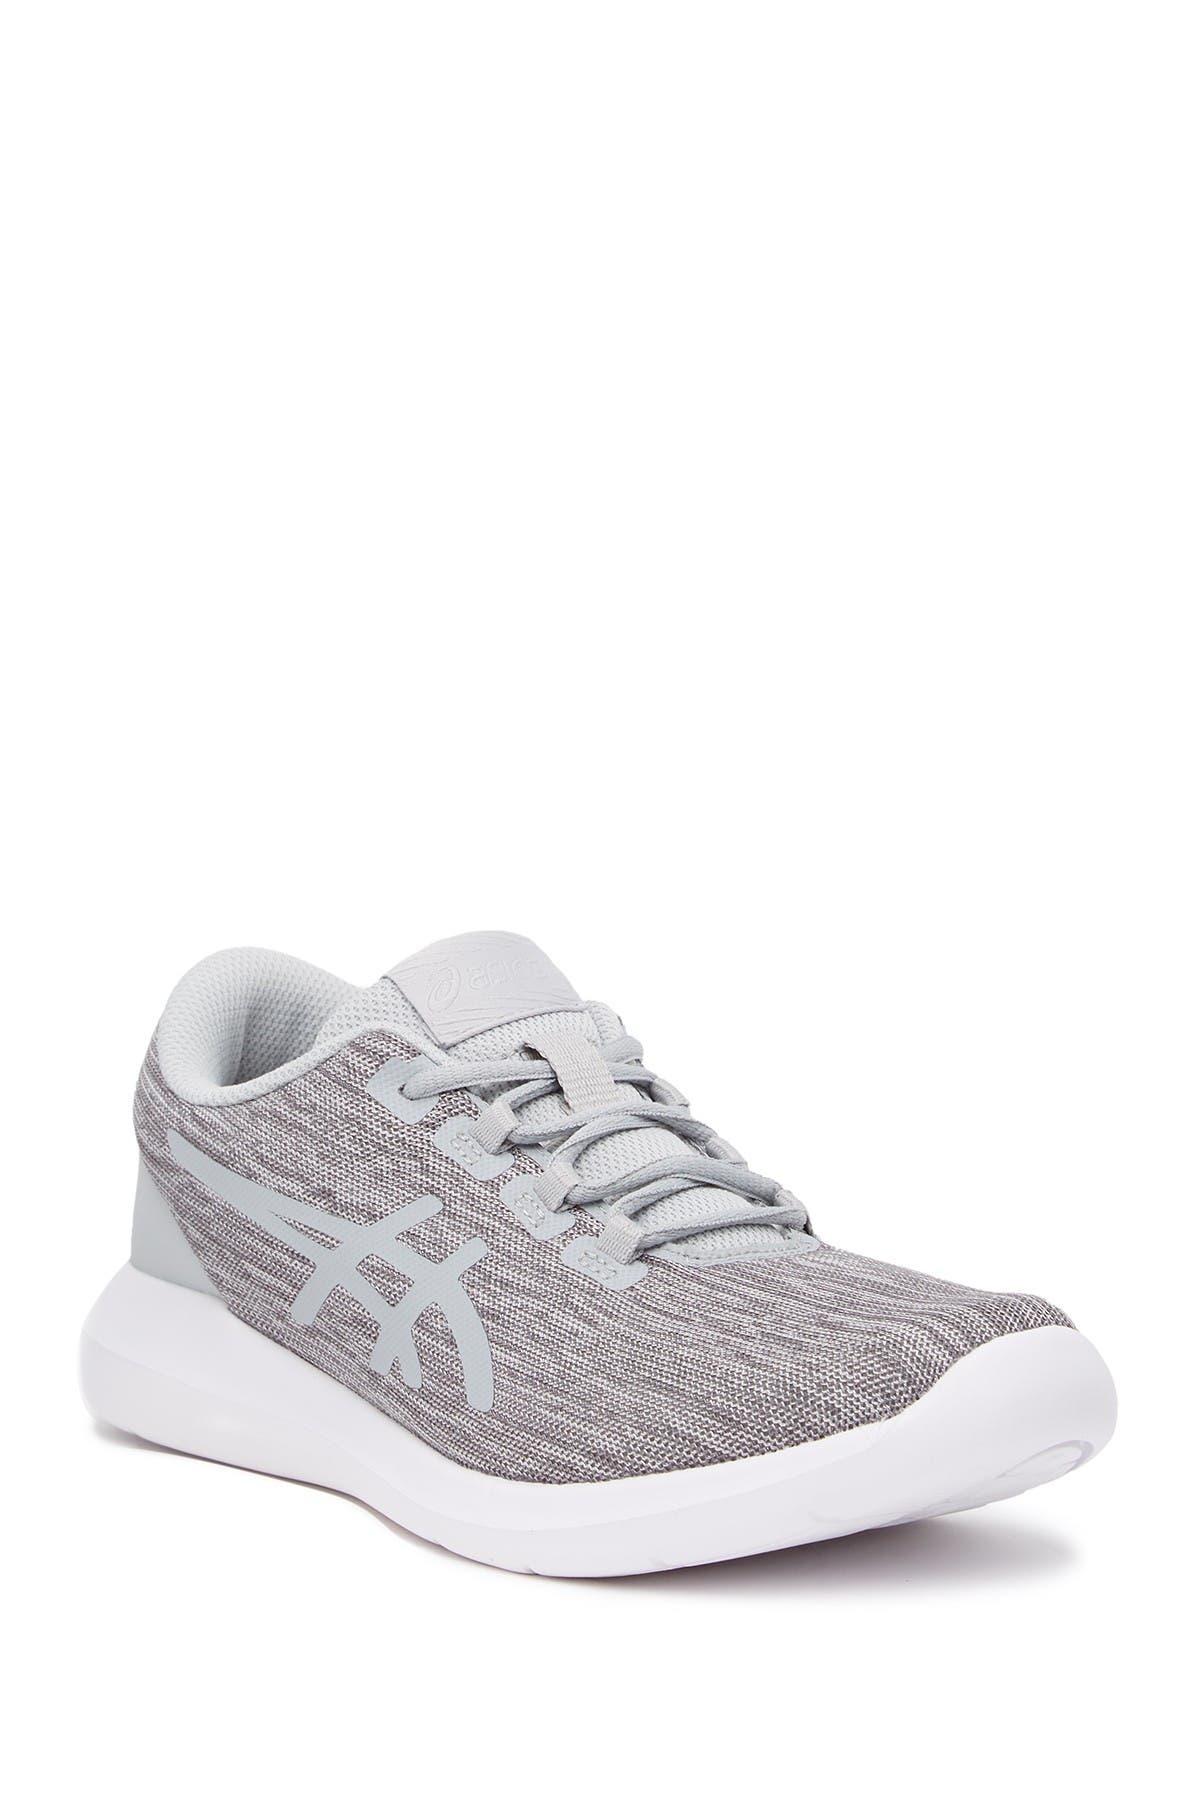 ASICS | Metrolyte II Sneaker